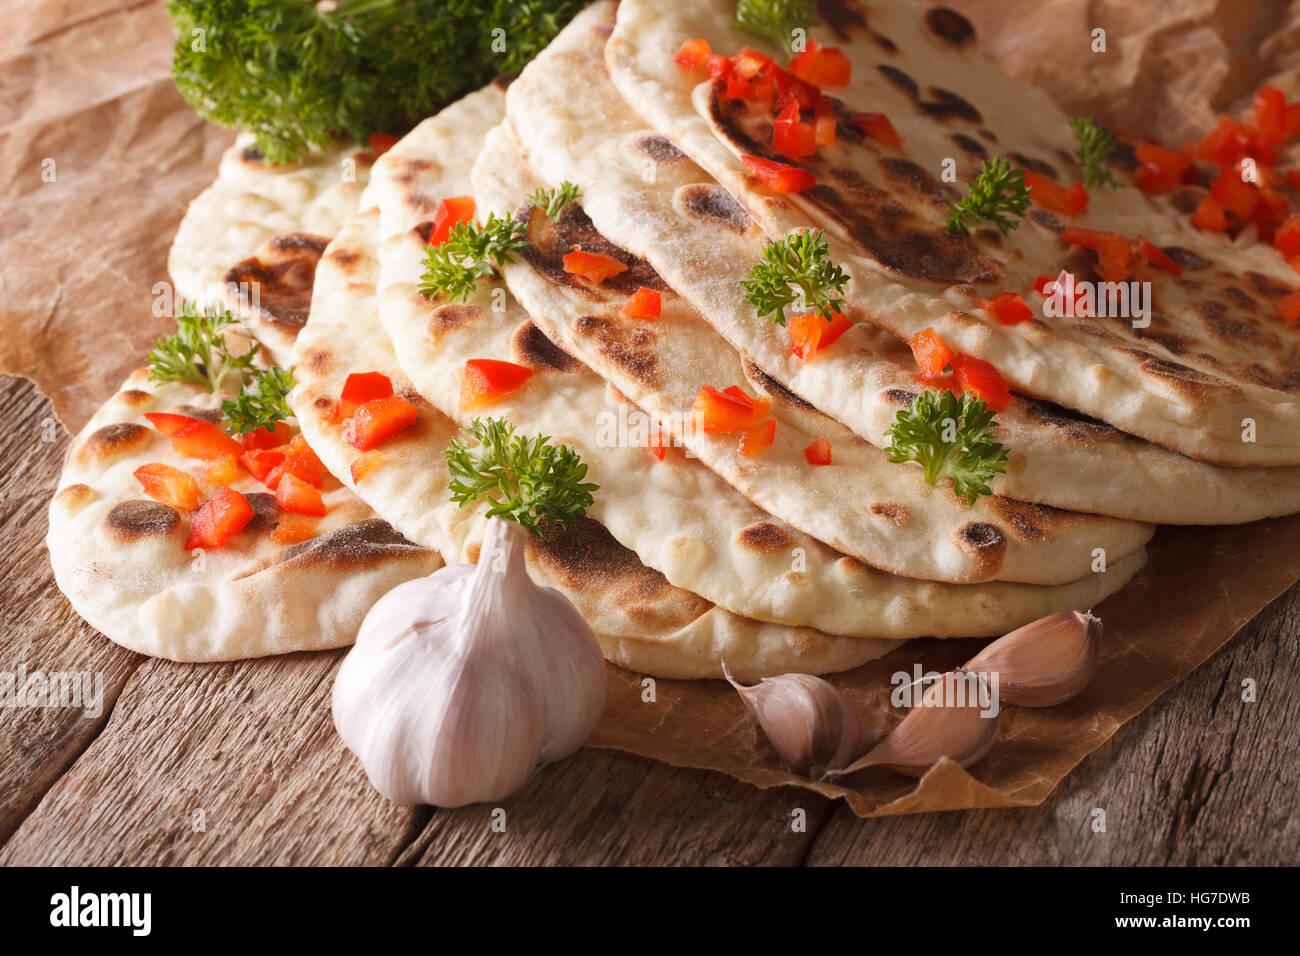 Naan indiano pane piatto con aglio ed erbe closeup sul tavolo orizzontale. Immagini Stock